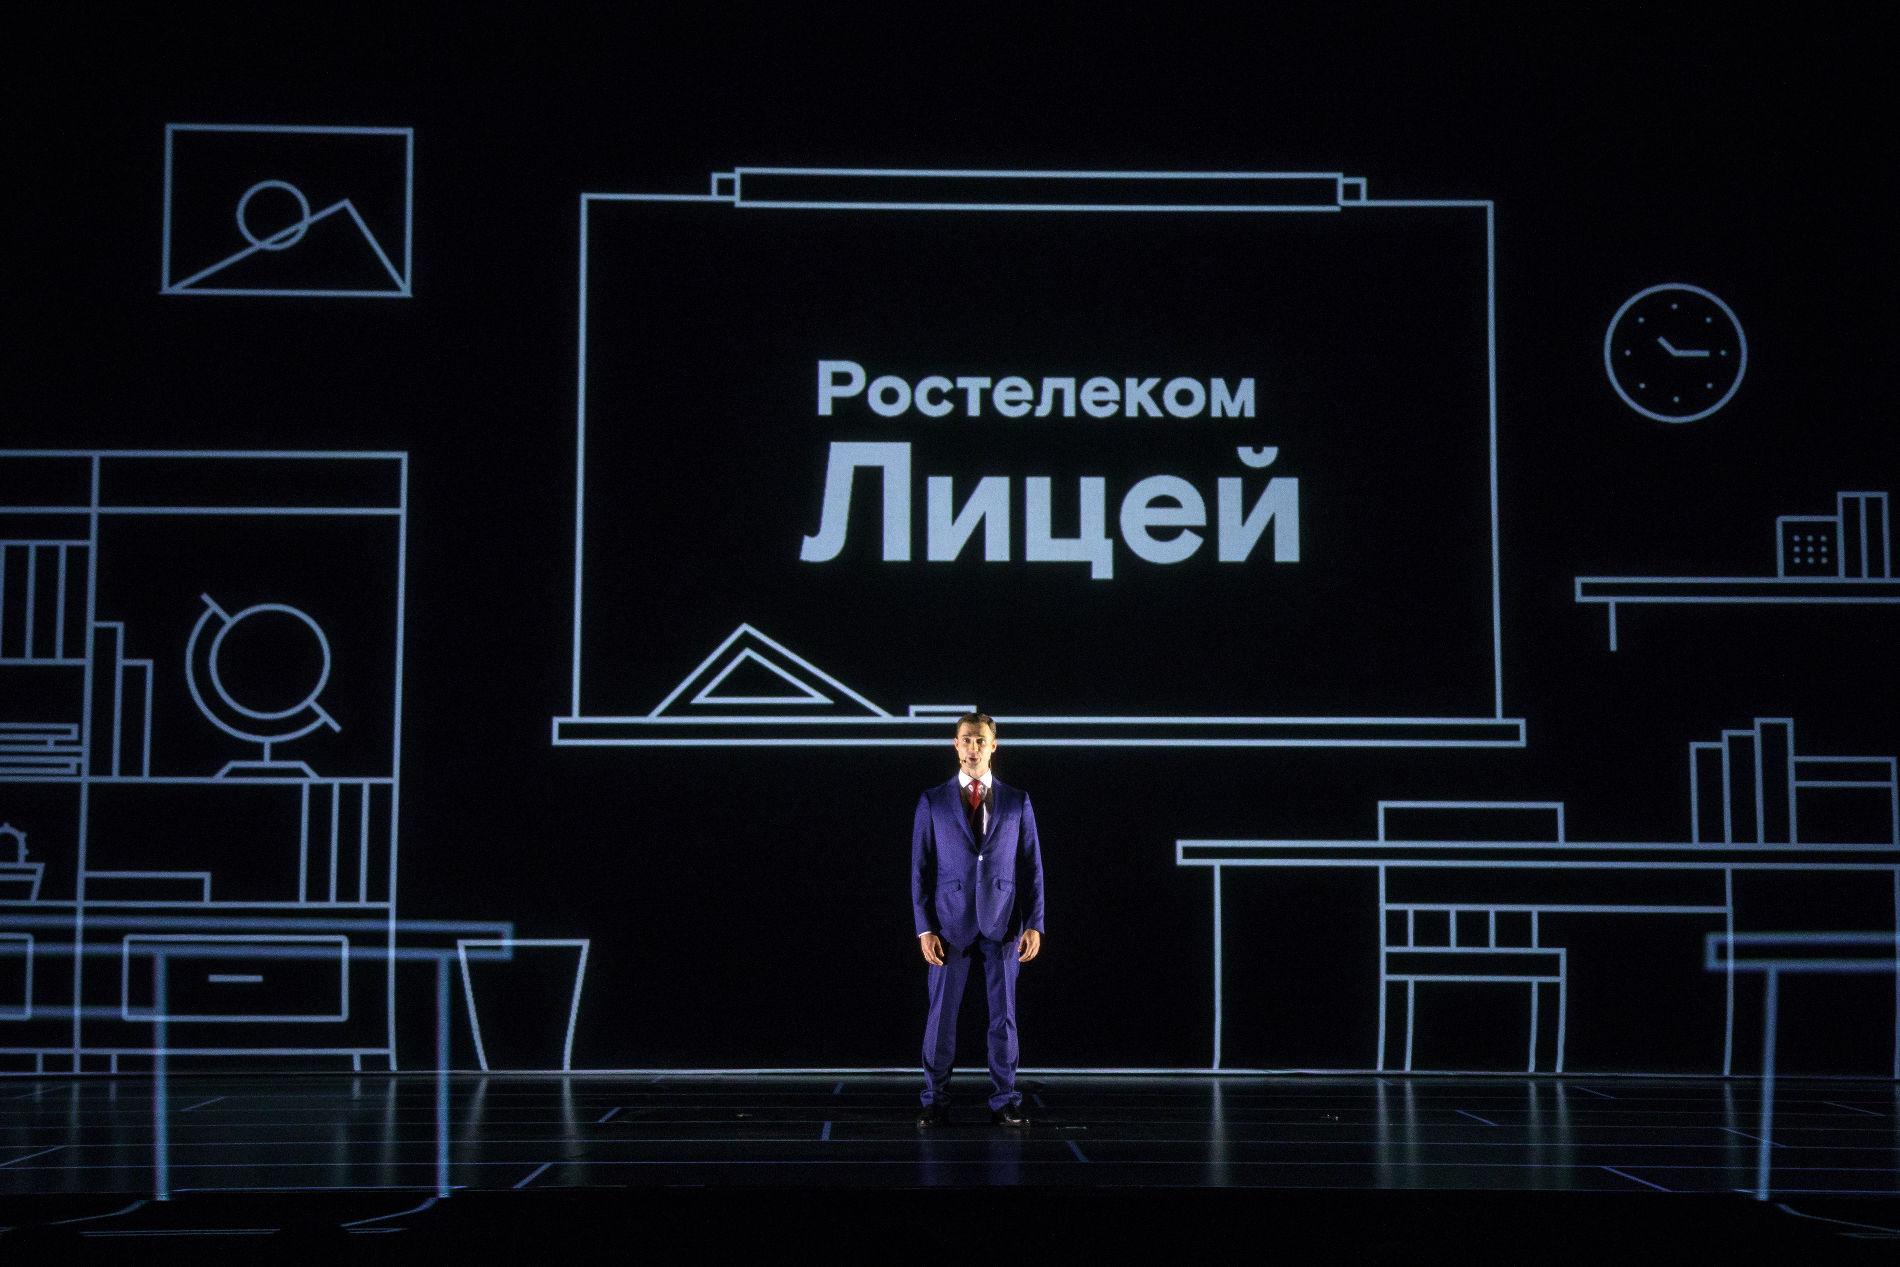 Презентация новых услуг и нового бренда «Ростелекома»